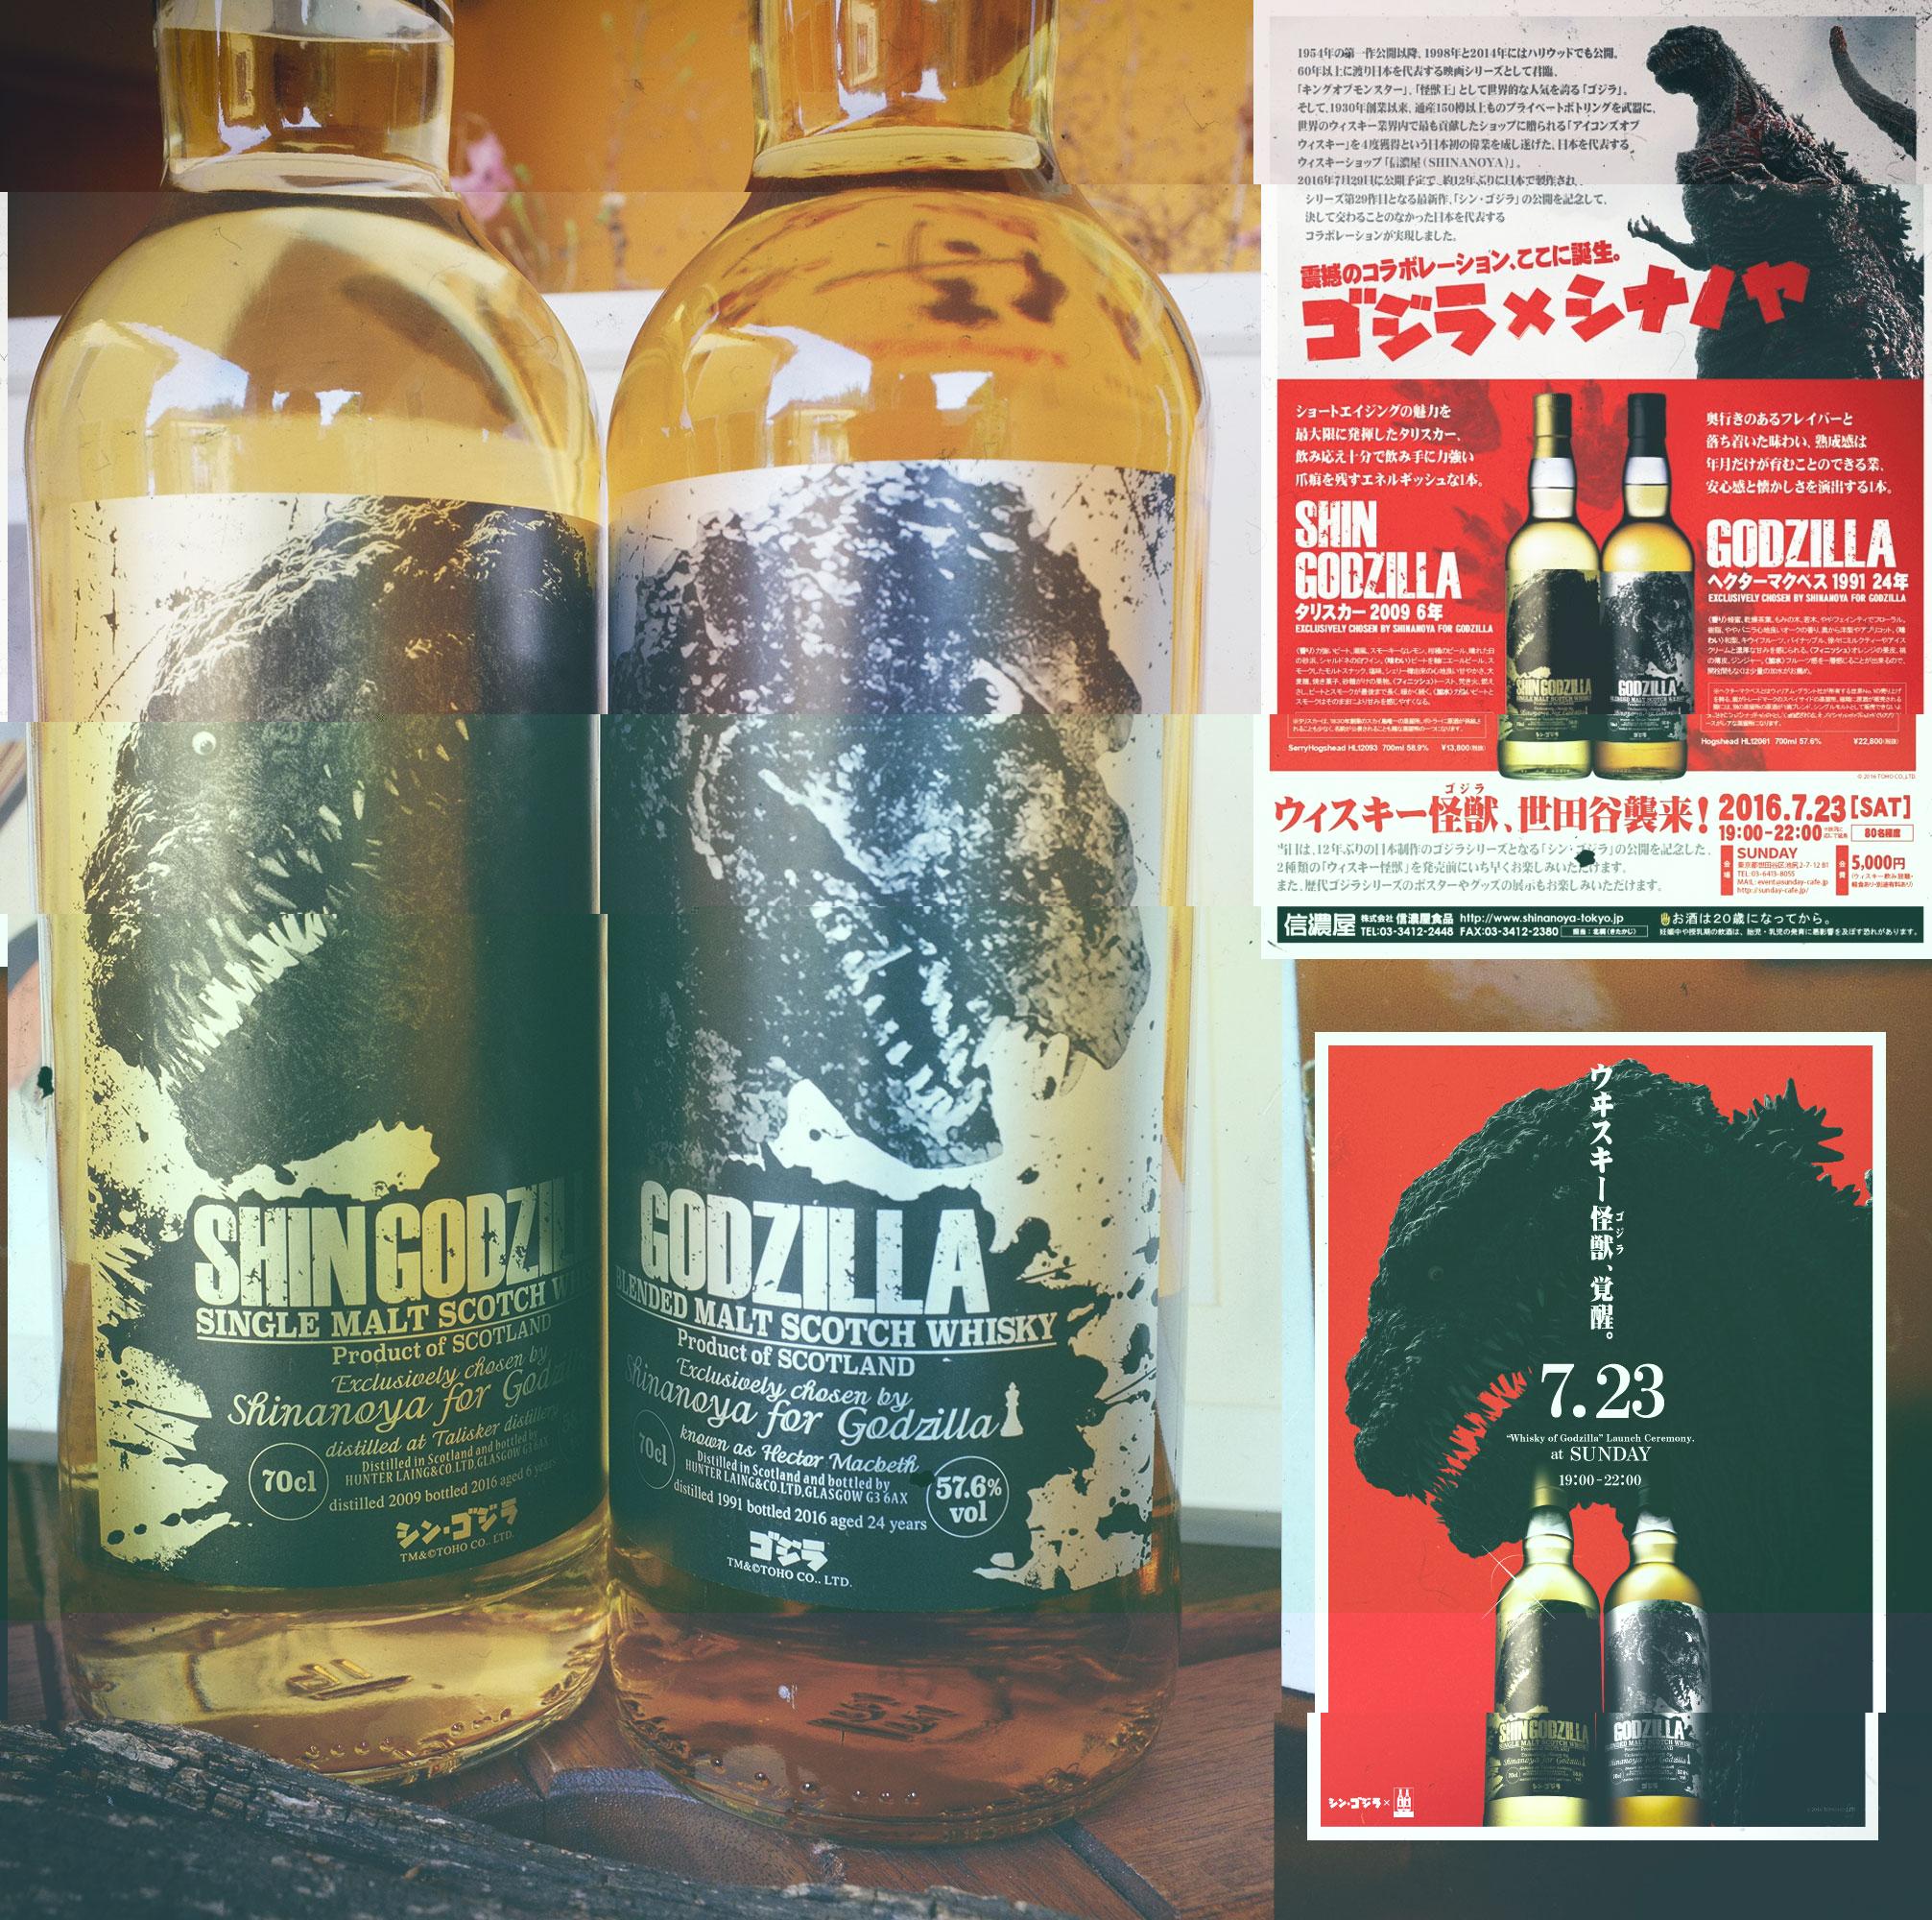 Godzilla Whisky